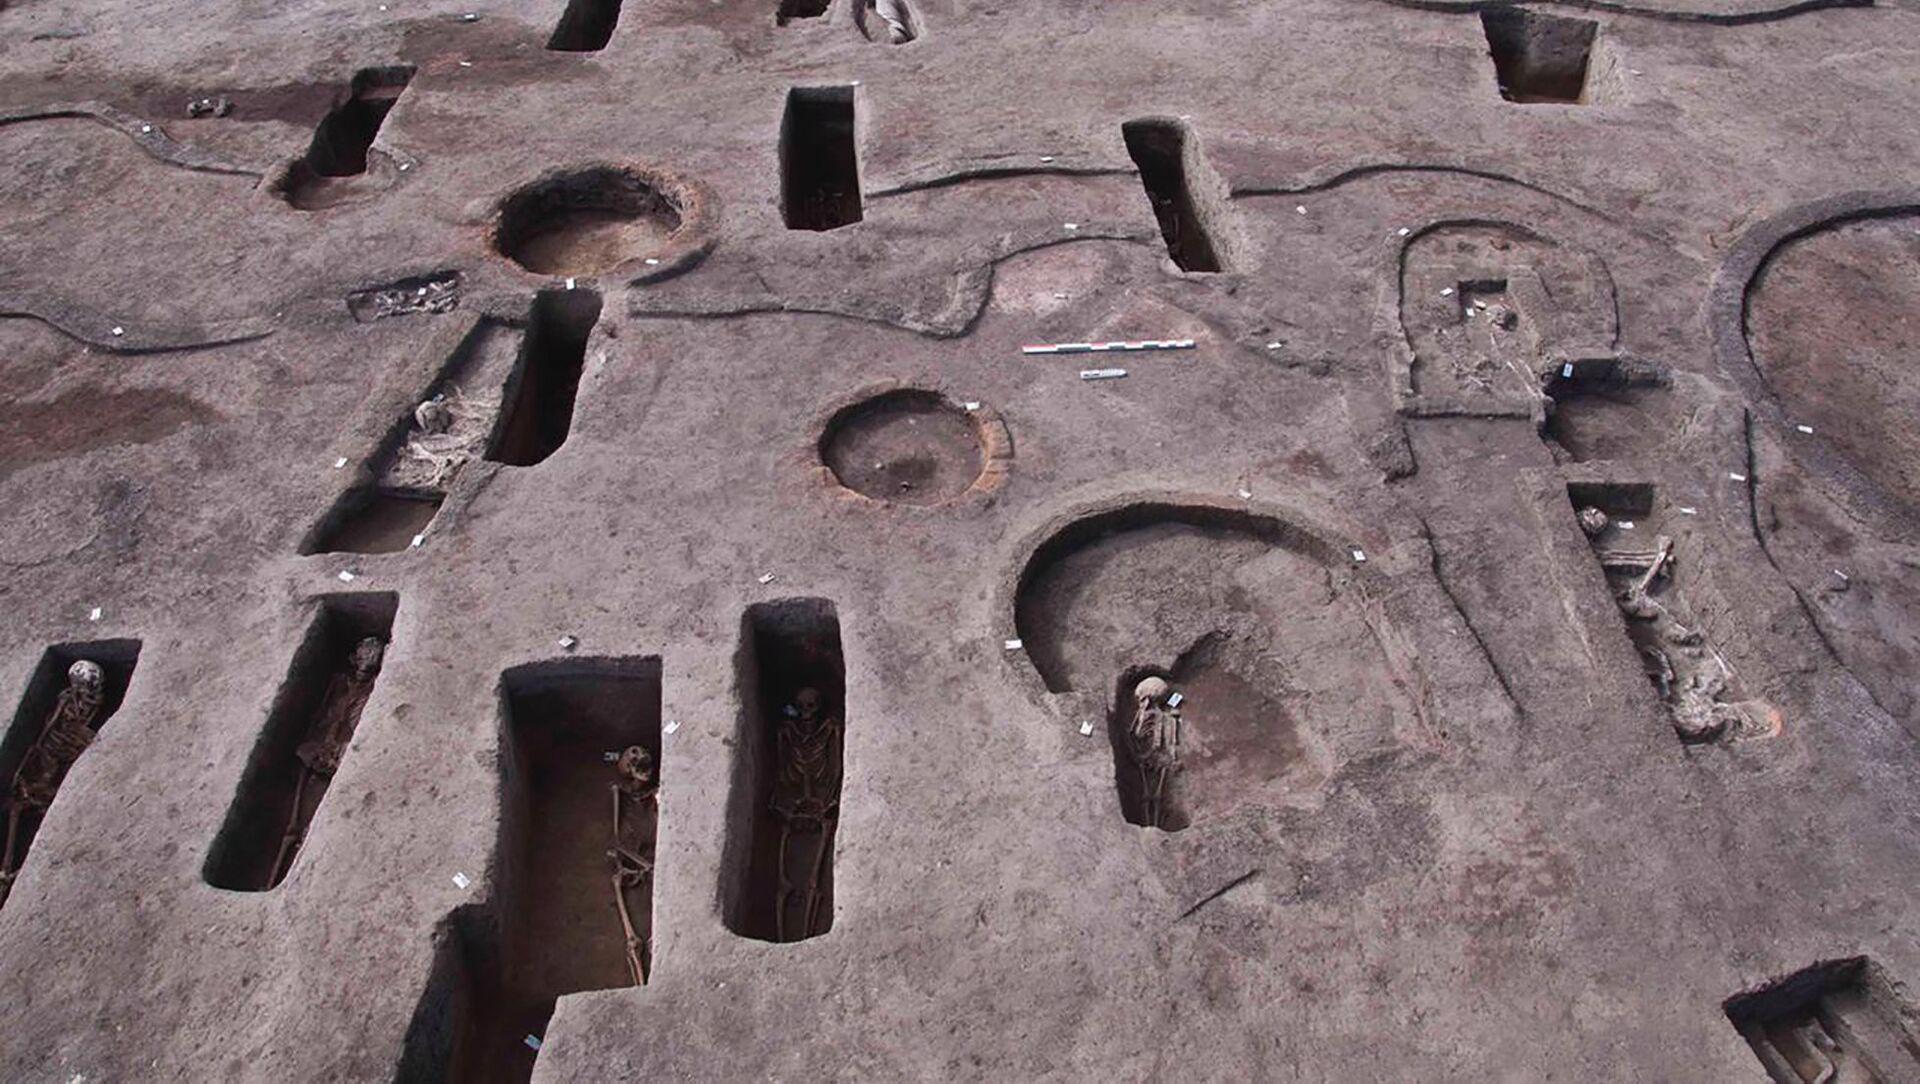 Foto fornita dal Ministero egiziano del turismo e delle antichità martedì 27 aprile 2021 mostra antiche tombe funerarie rinvenute di recente, alcune con resti umani, nel sito archeologico di Koum el-Khulgan, nella provincia del Delta del Nilo di Dakahlia, a circa 150 chilometri a nord-est del Cairo, Egitto - Sputnik Italia, 1920, 29.04.2021